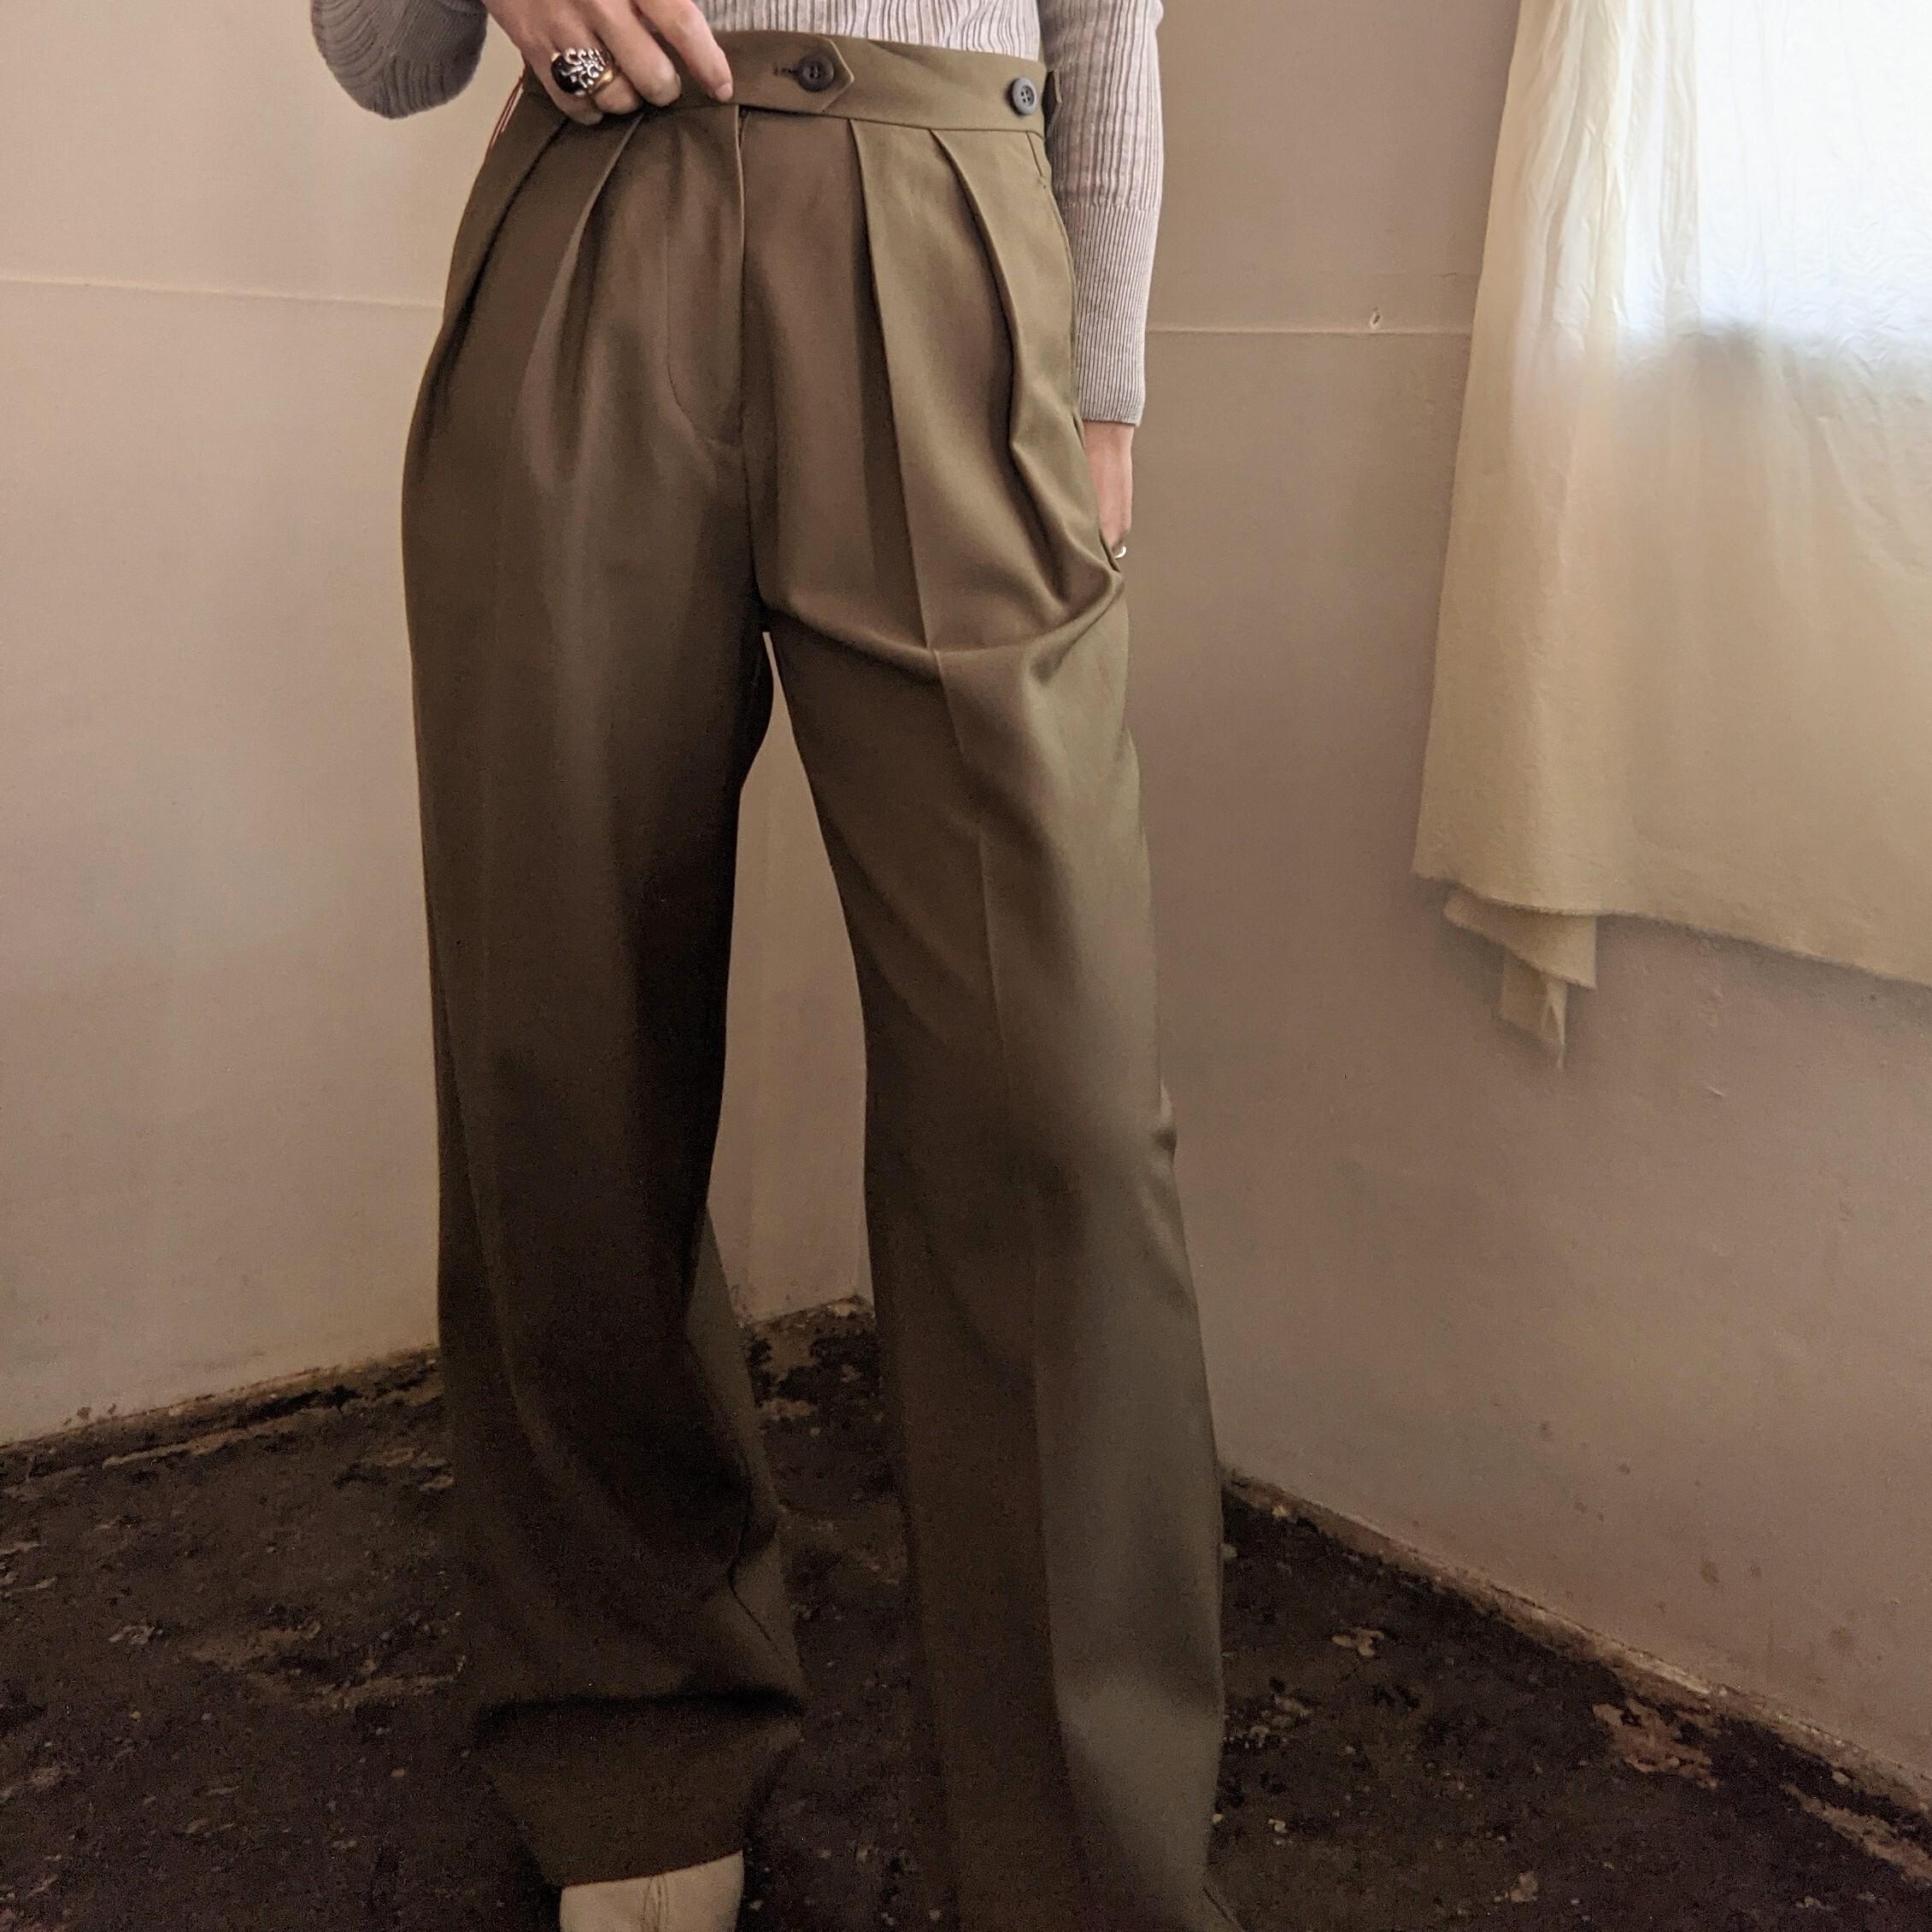 【 M53.】OXFORD WIDE PANTS / COTTON / KHAKI